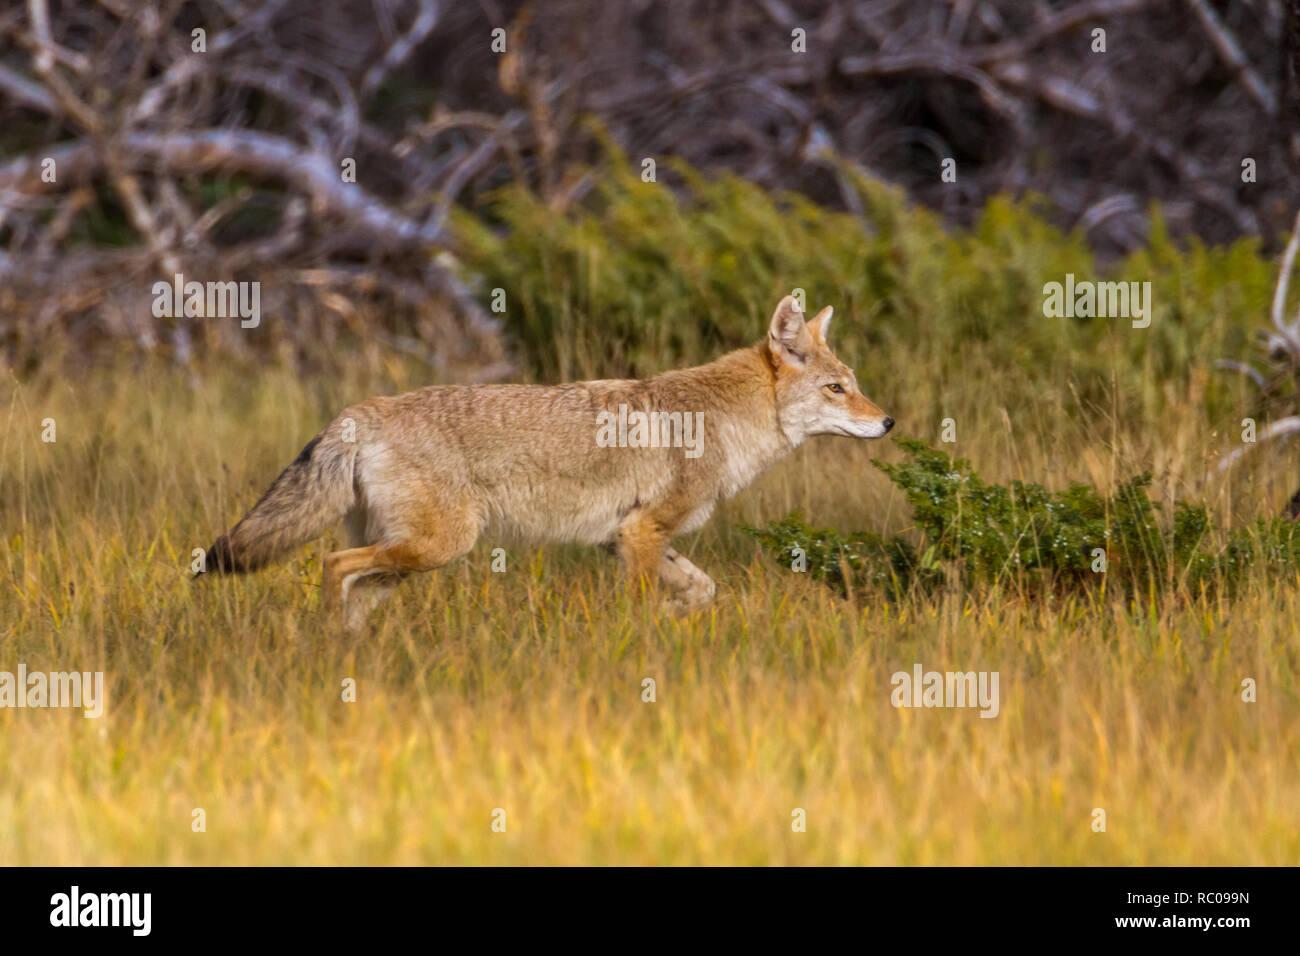 Vista lateral del wild coyote moviendo a través de la hierba cerca de árboles, ya que viaja en el Parque Nacional de Banff en la luz del atardecer. Imagen De Stock